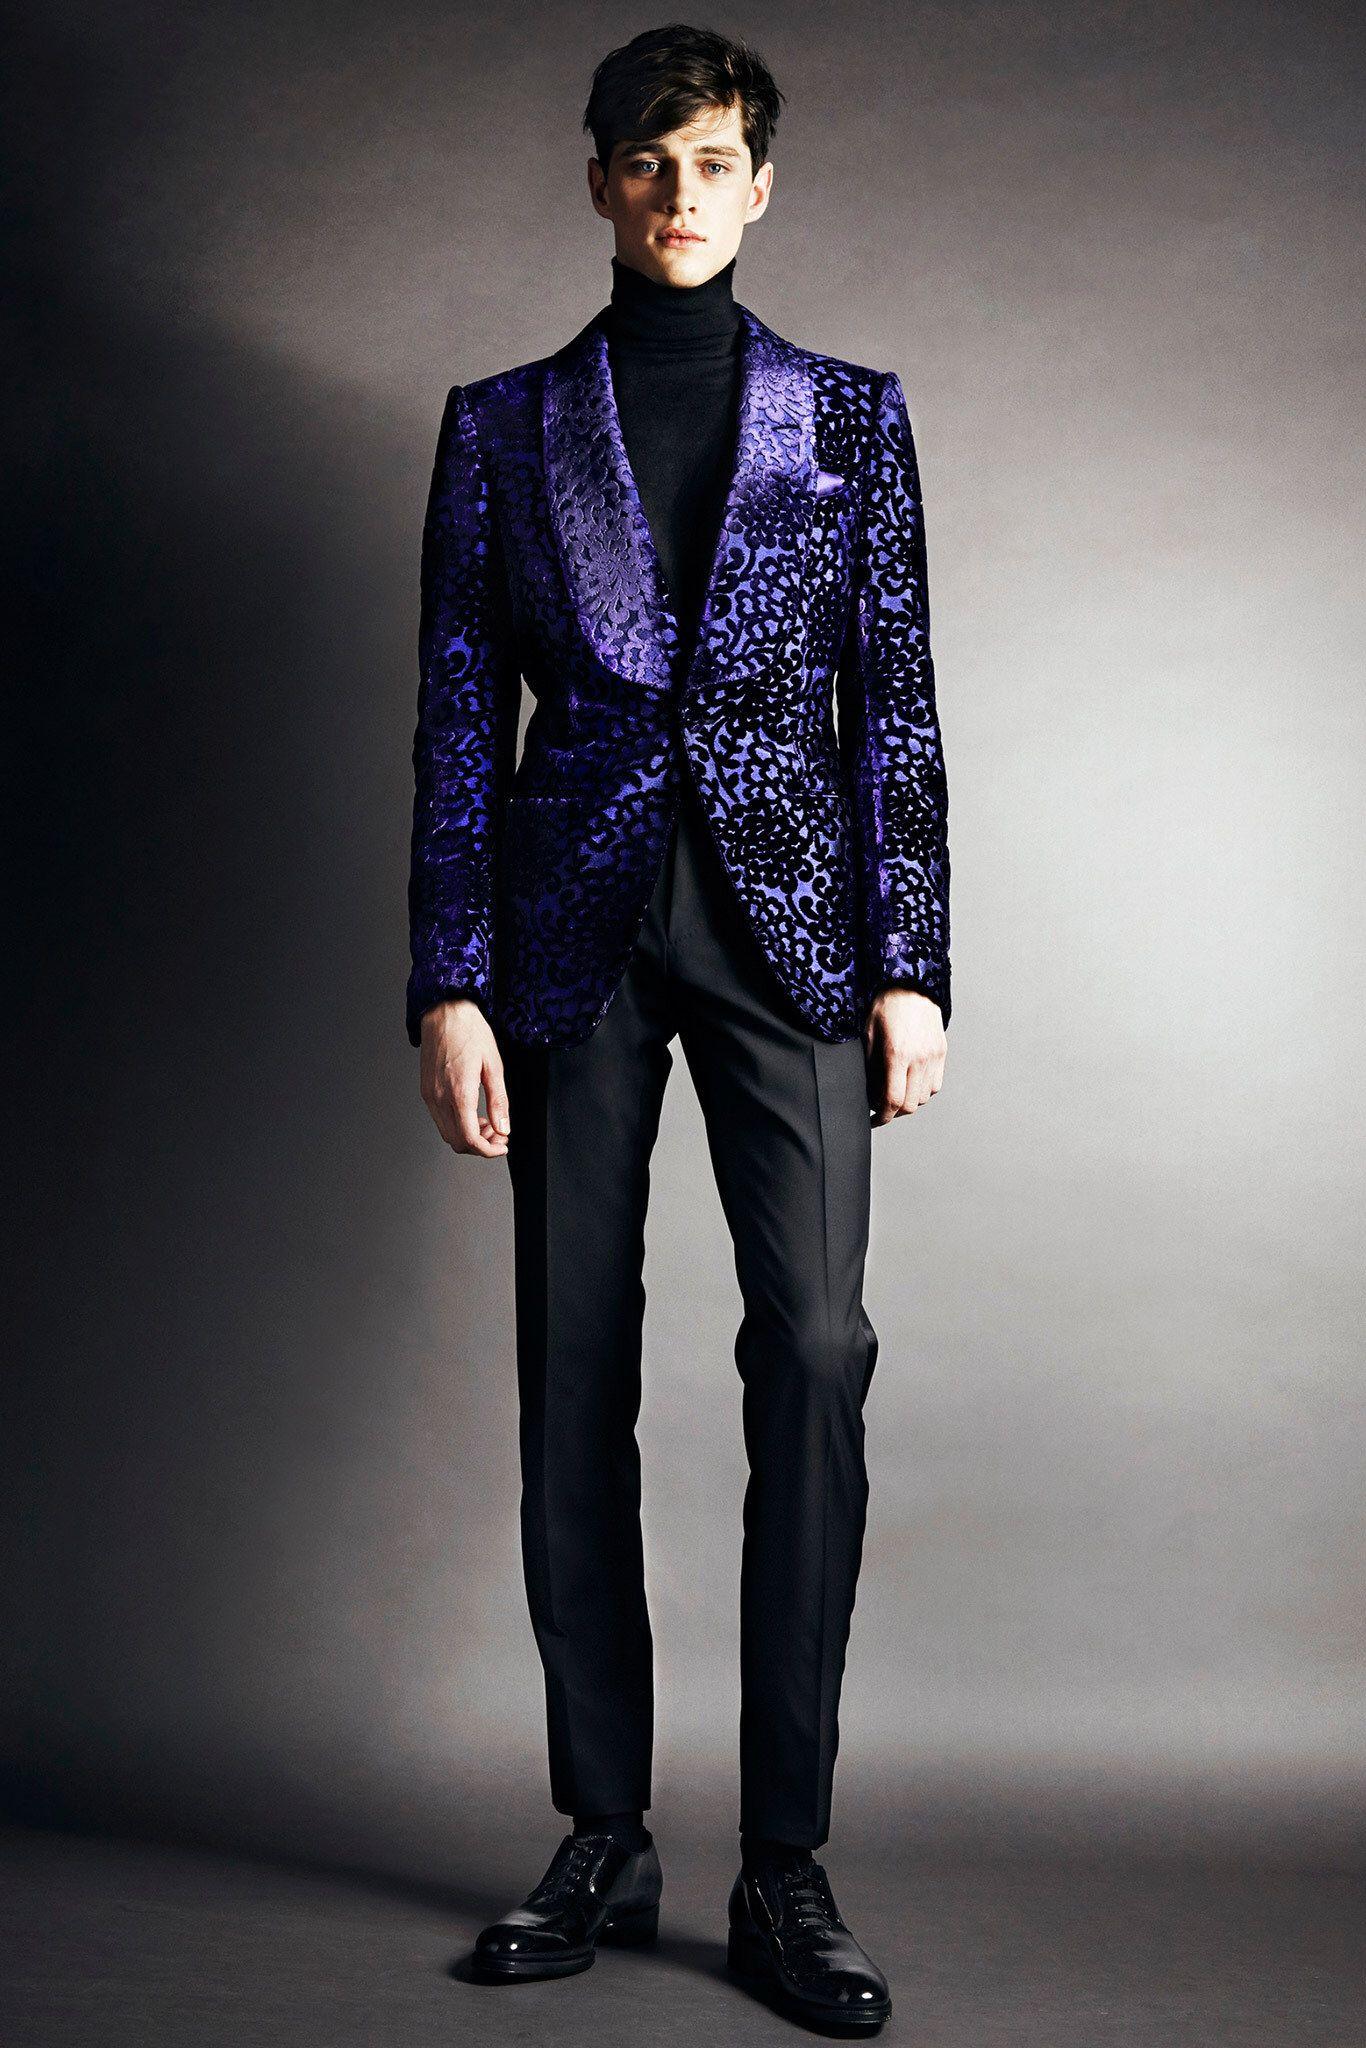 257674fe9ed8 Tom Ford Fall 2014 Menswear Fashion Show in 2019